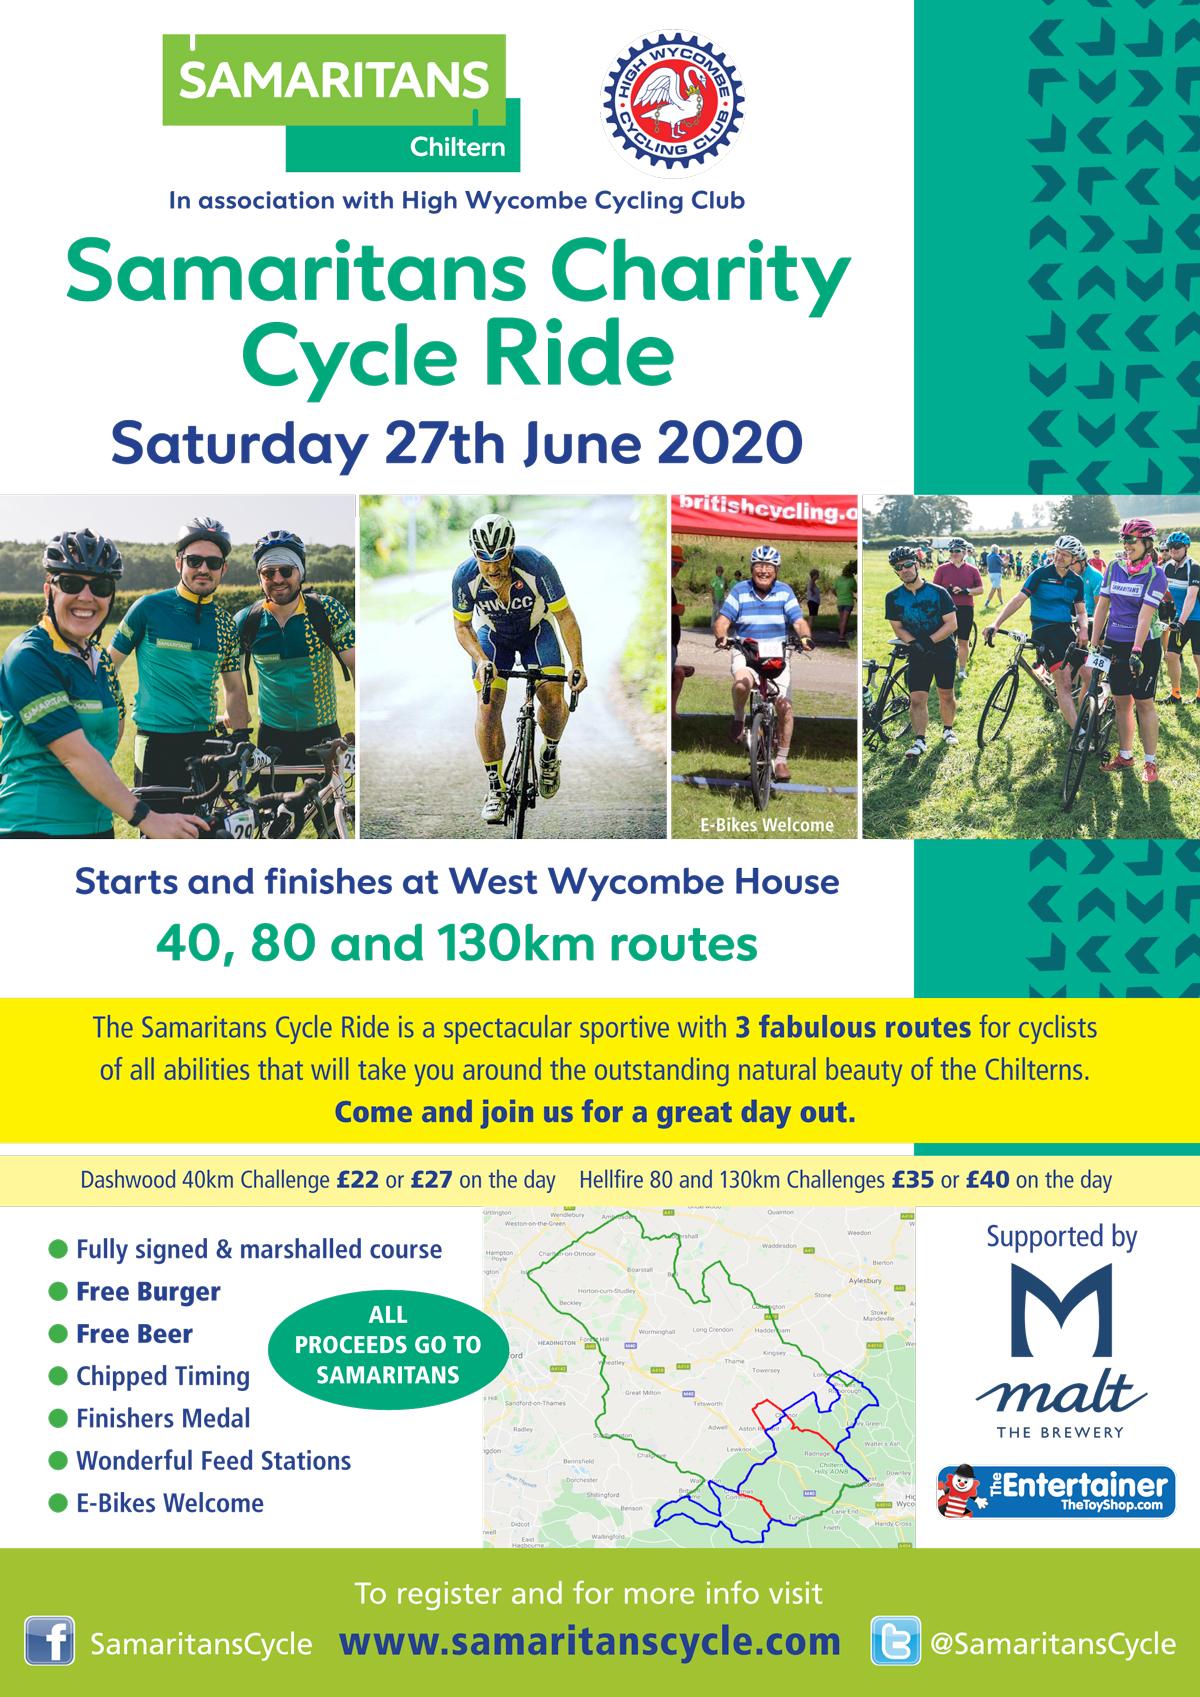 Samritans Cycle 2020 poster